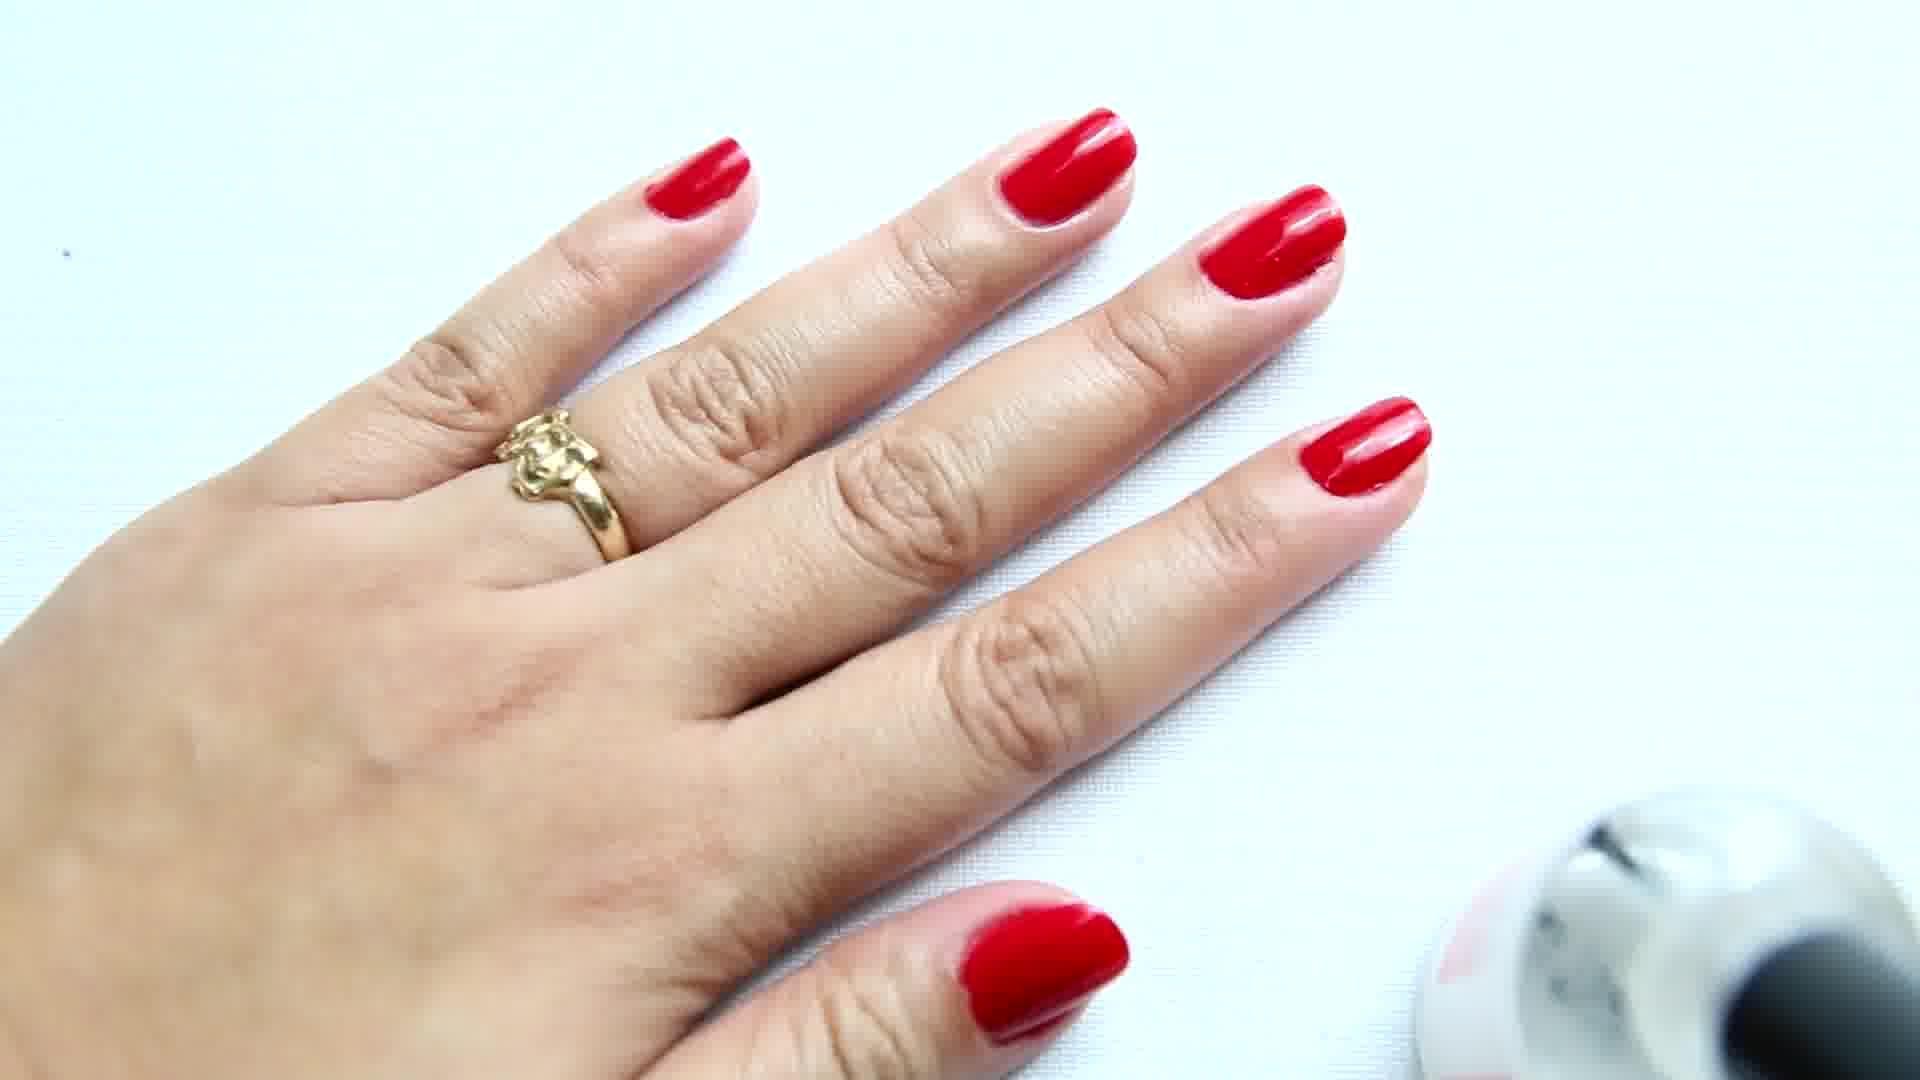 Dry Nail Polish Quickly | Dry nail polish, Make up and Mani pedi